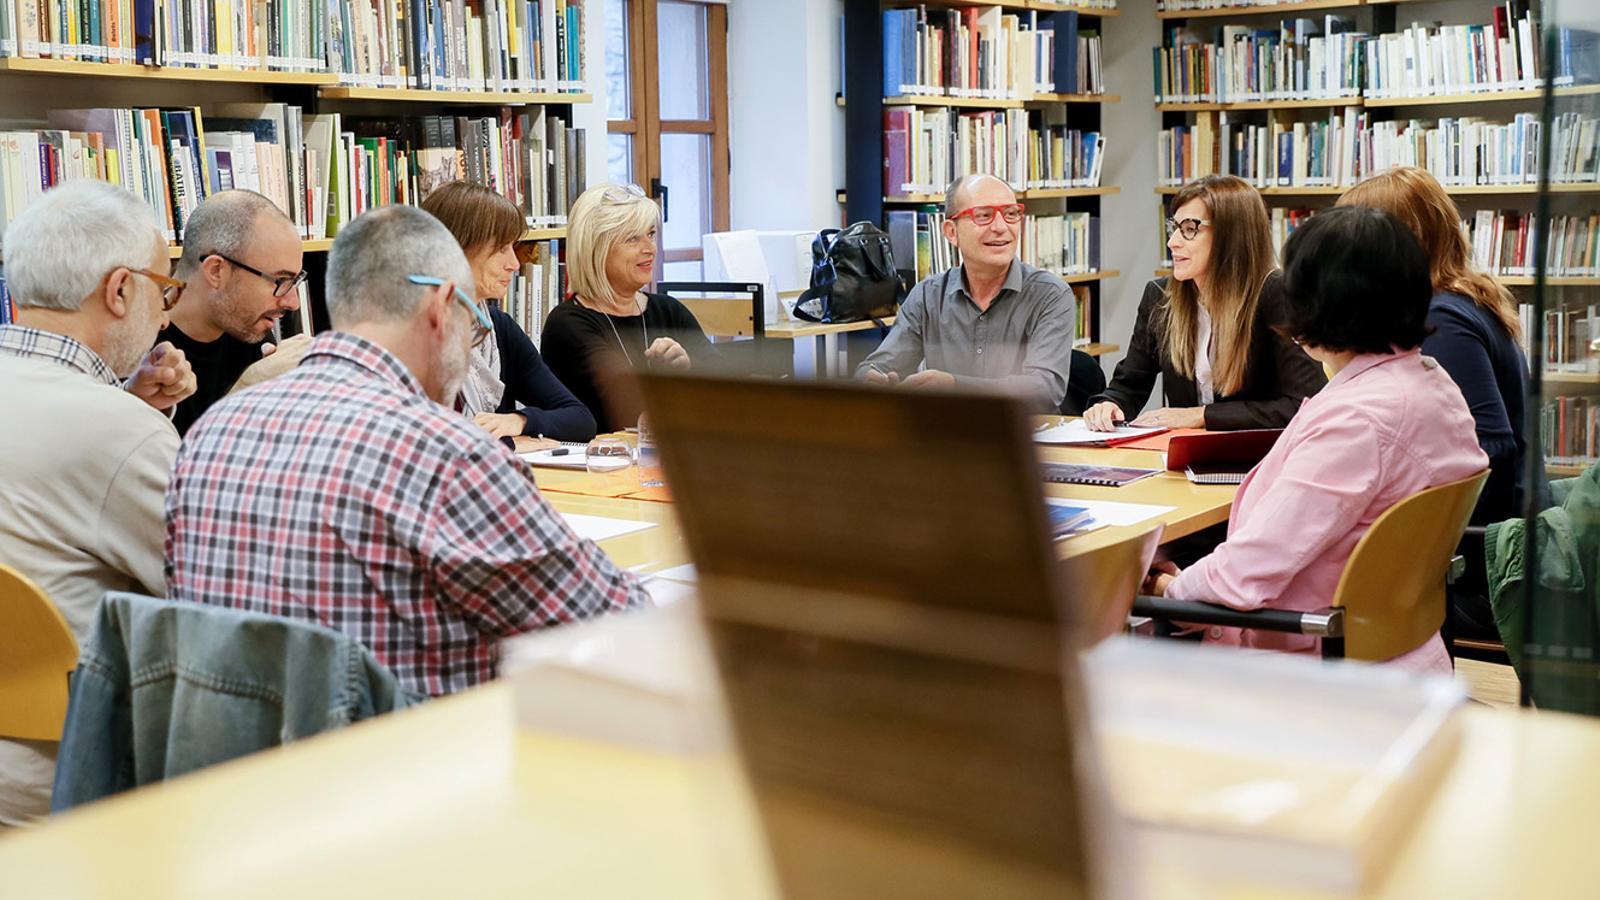 La reunió del consell. / SFG